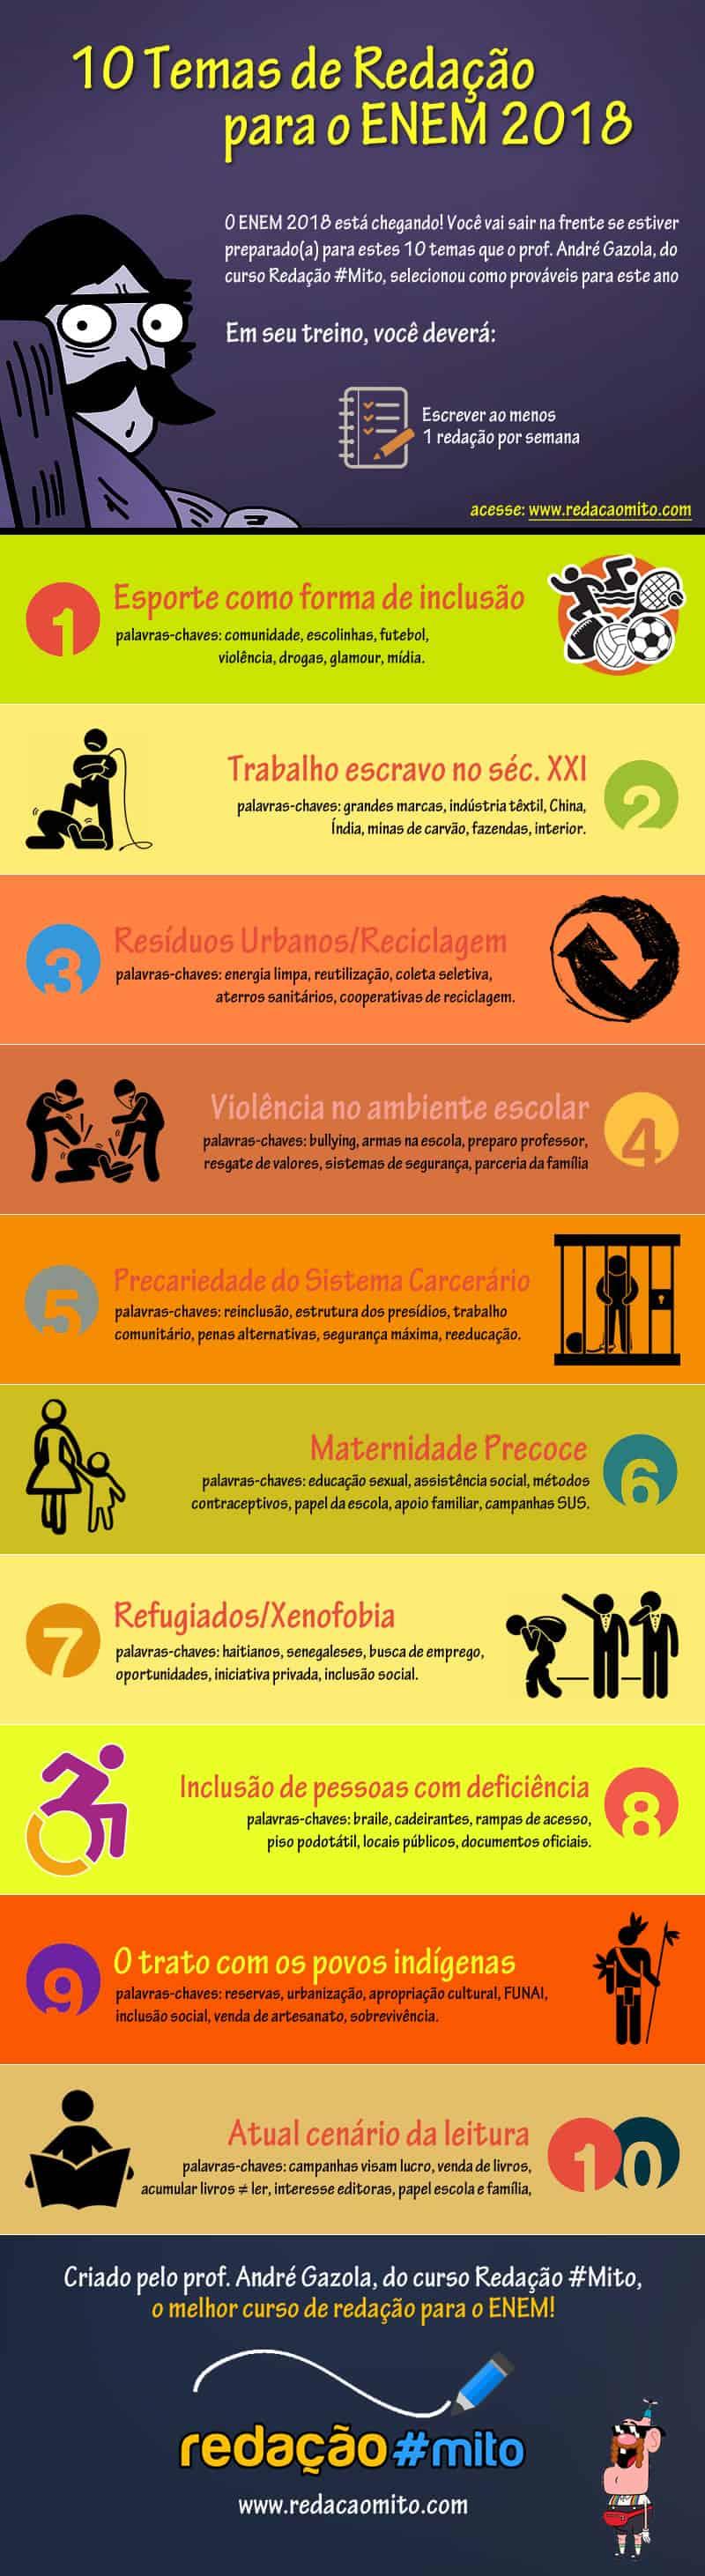 Infográfico 10 Temas de Redação para o ENEM 2018